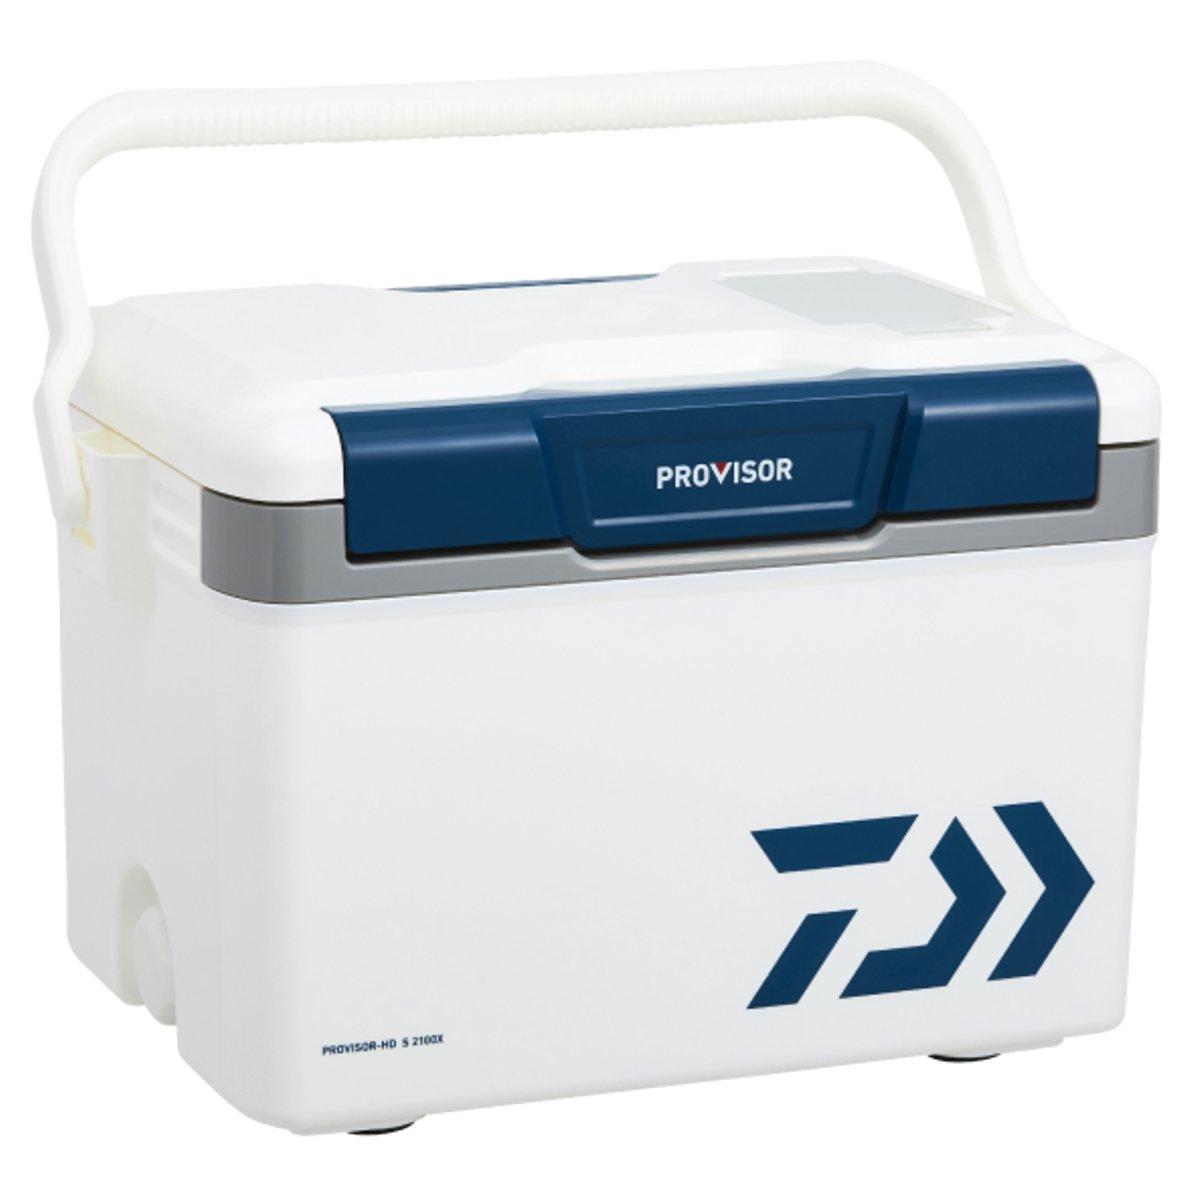 ダイワ プロバイザー HD S 2100X ブルー クーラーボックス